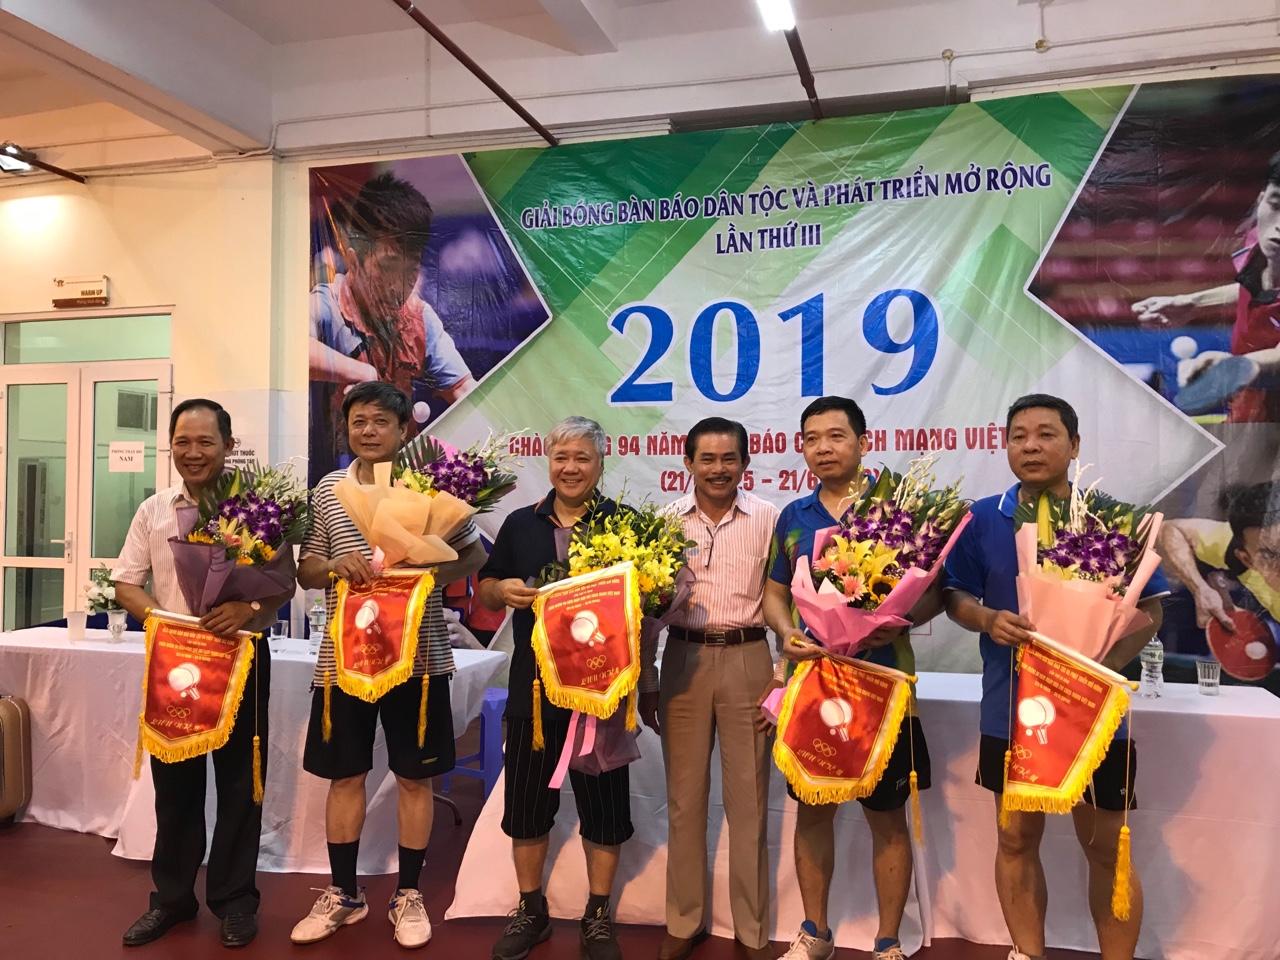 2.Đồng chí Lê Công Bình, Phó Tổng Biên tập-Phụ trách Báo Dân tộc và Phát triển tặng hoa và cờ lưu niệm cho các VĐV.